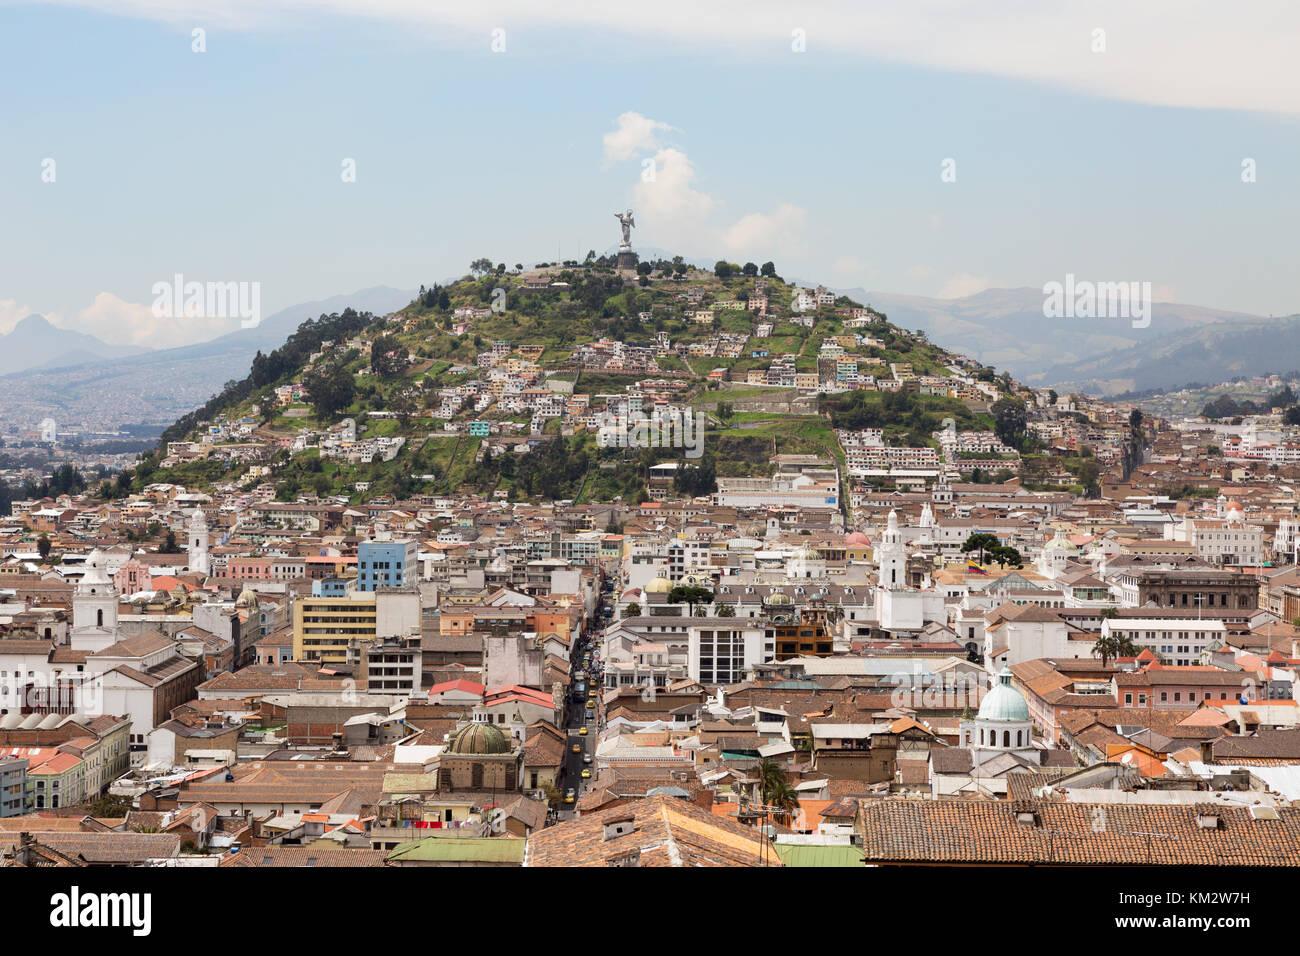 La colline Panecillo, Quito Equateur Amérique du Sud Photo Stock